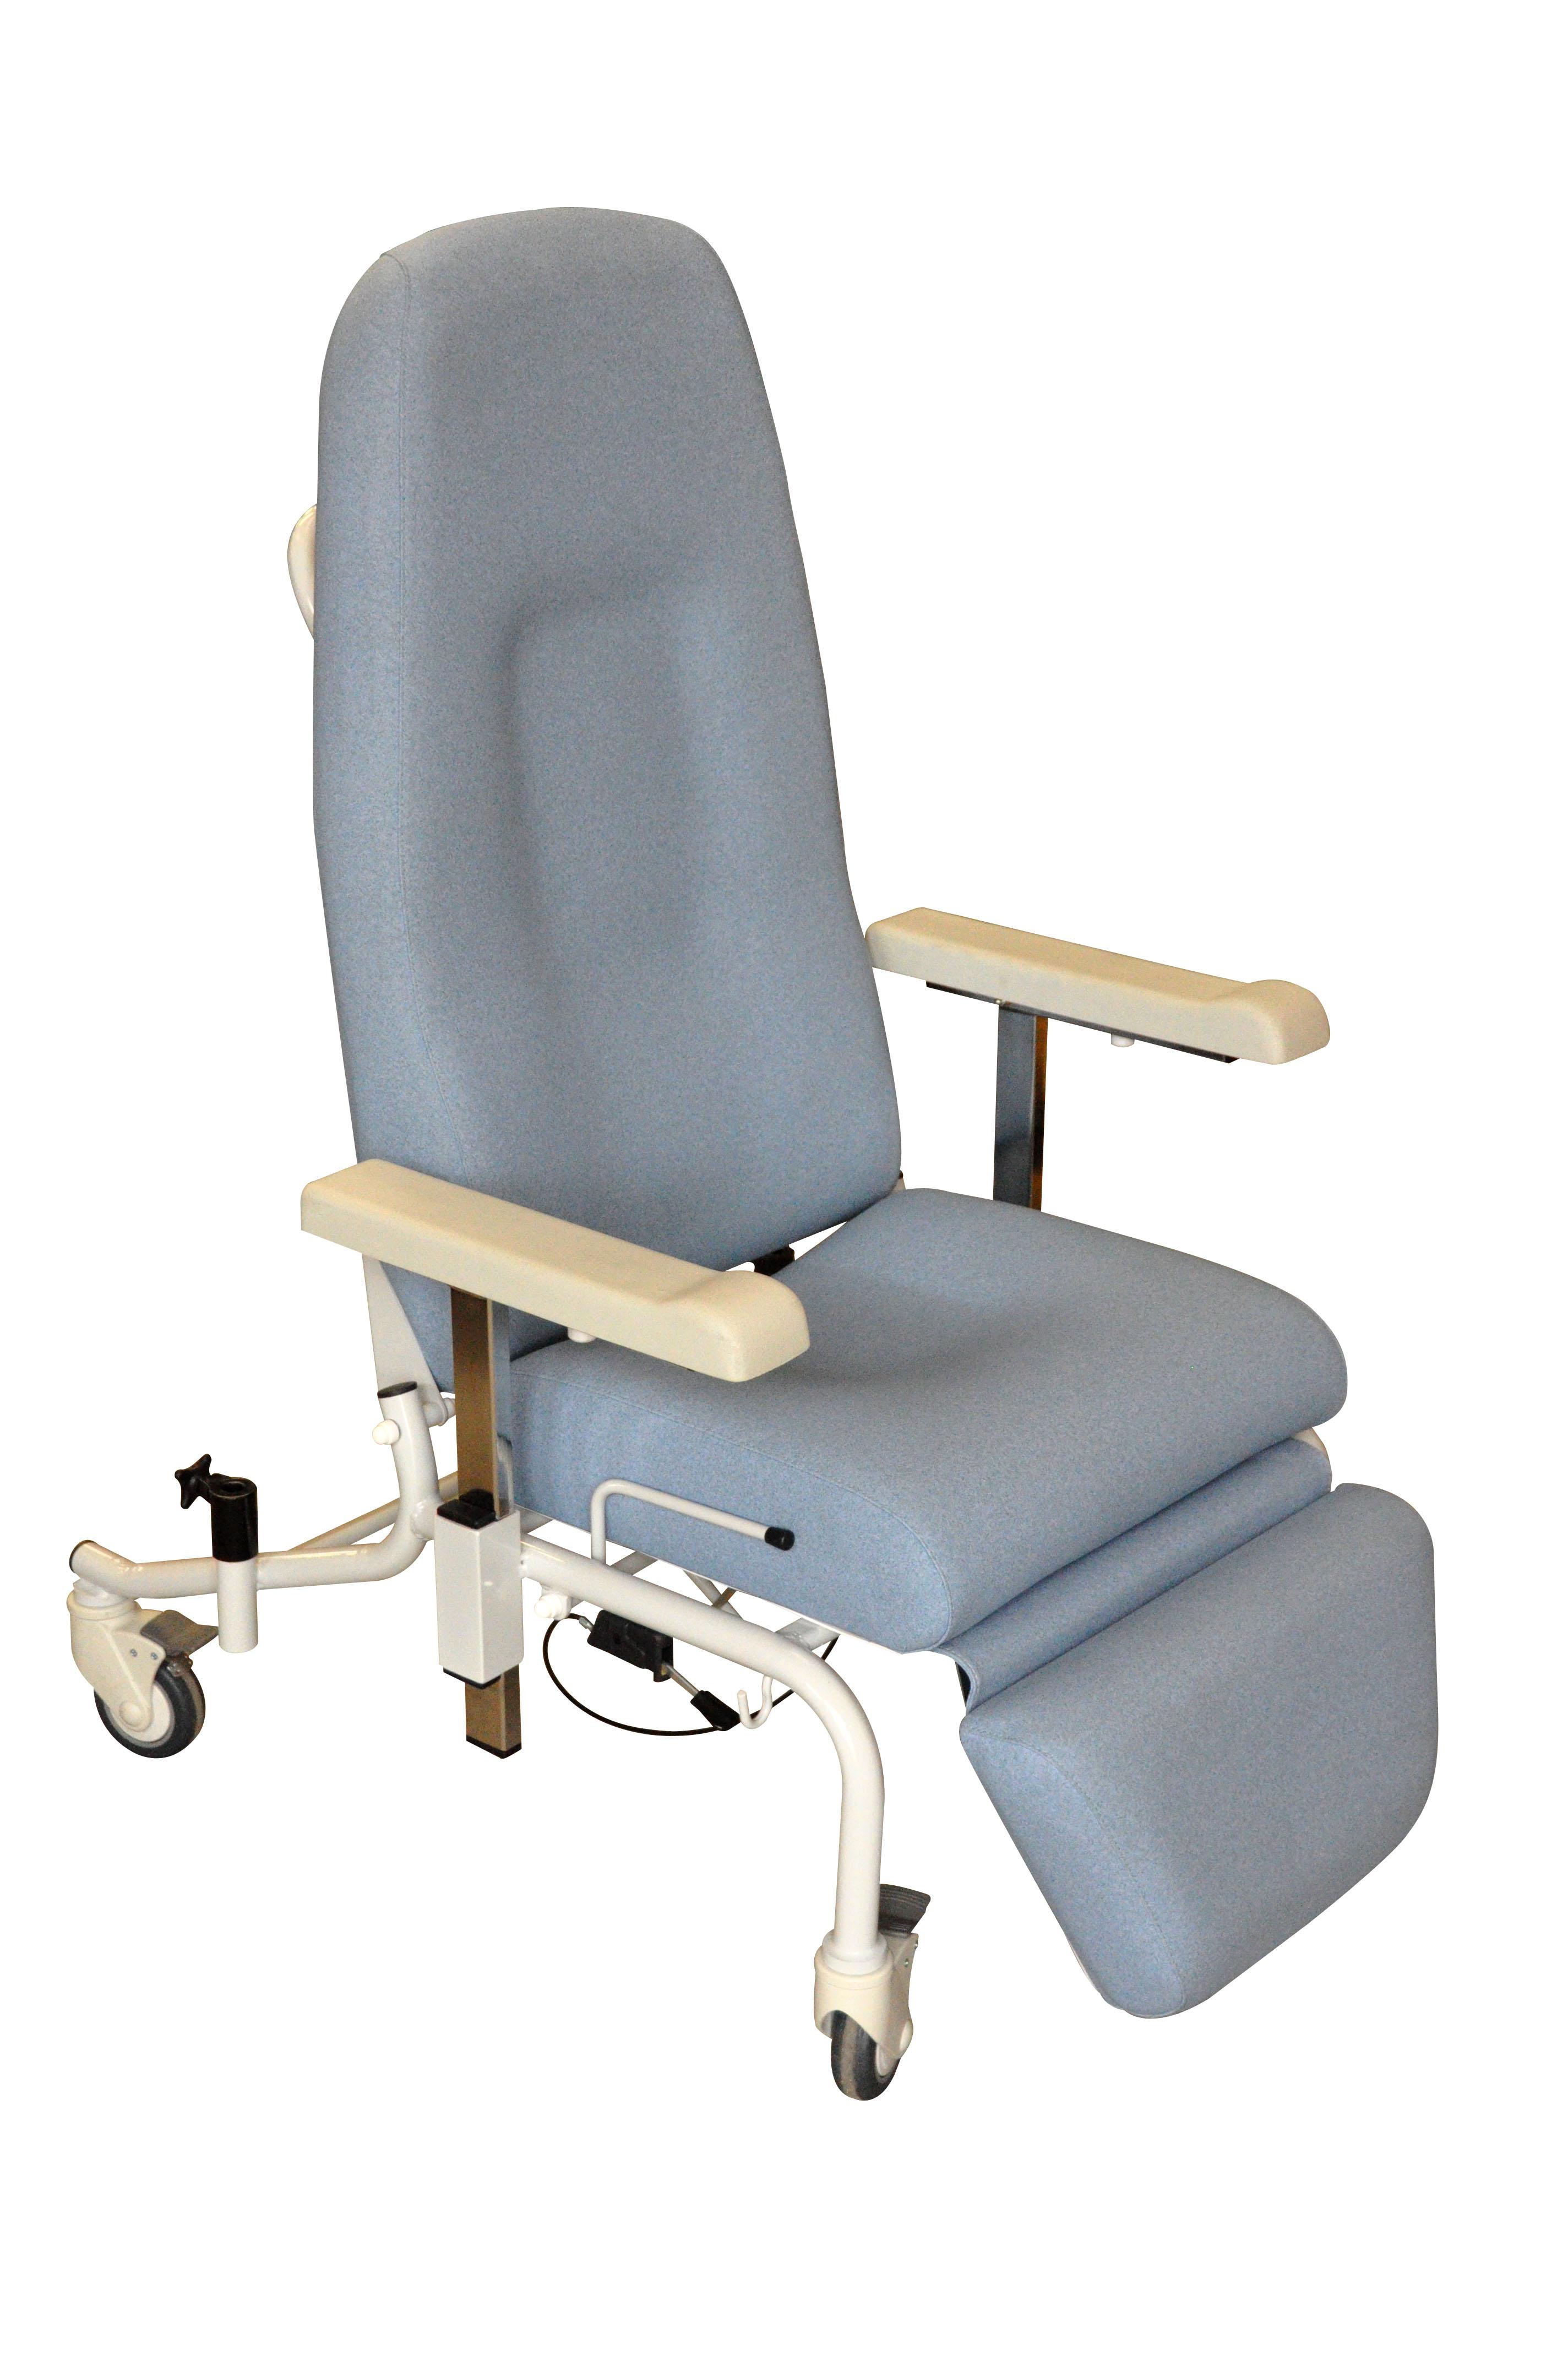 vog m dical mobilier et mat riel m dical 80170 caix fauteuils de repos fauteuil de repos. Black Bedroom Furniture Sets. Home Design Ideas